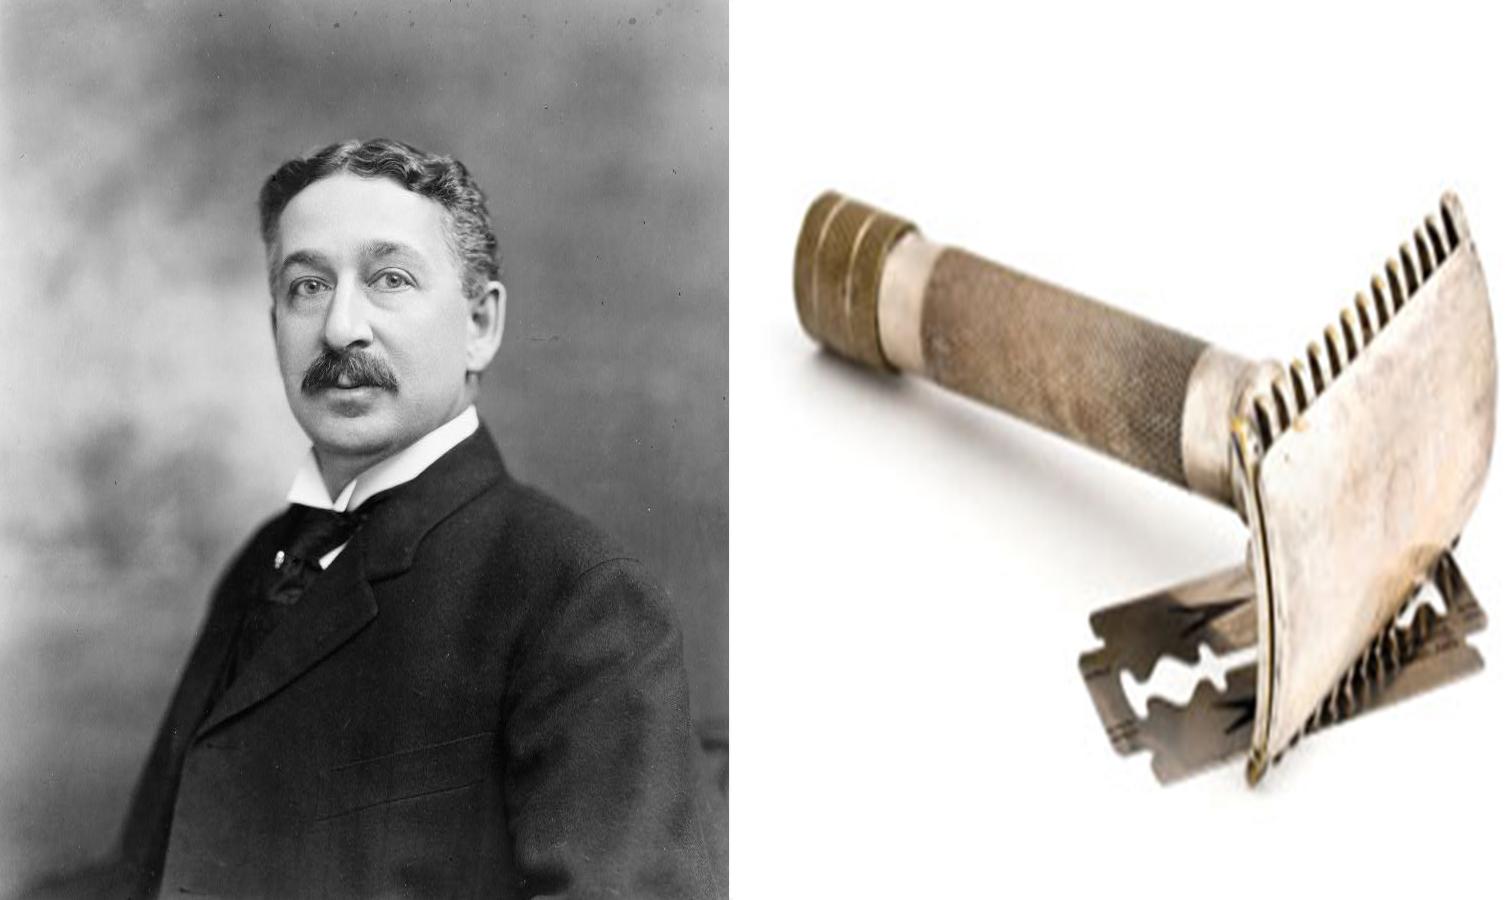 King Kemp Džilet, izumitelj nožića za brijanje